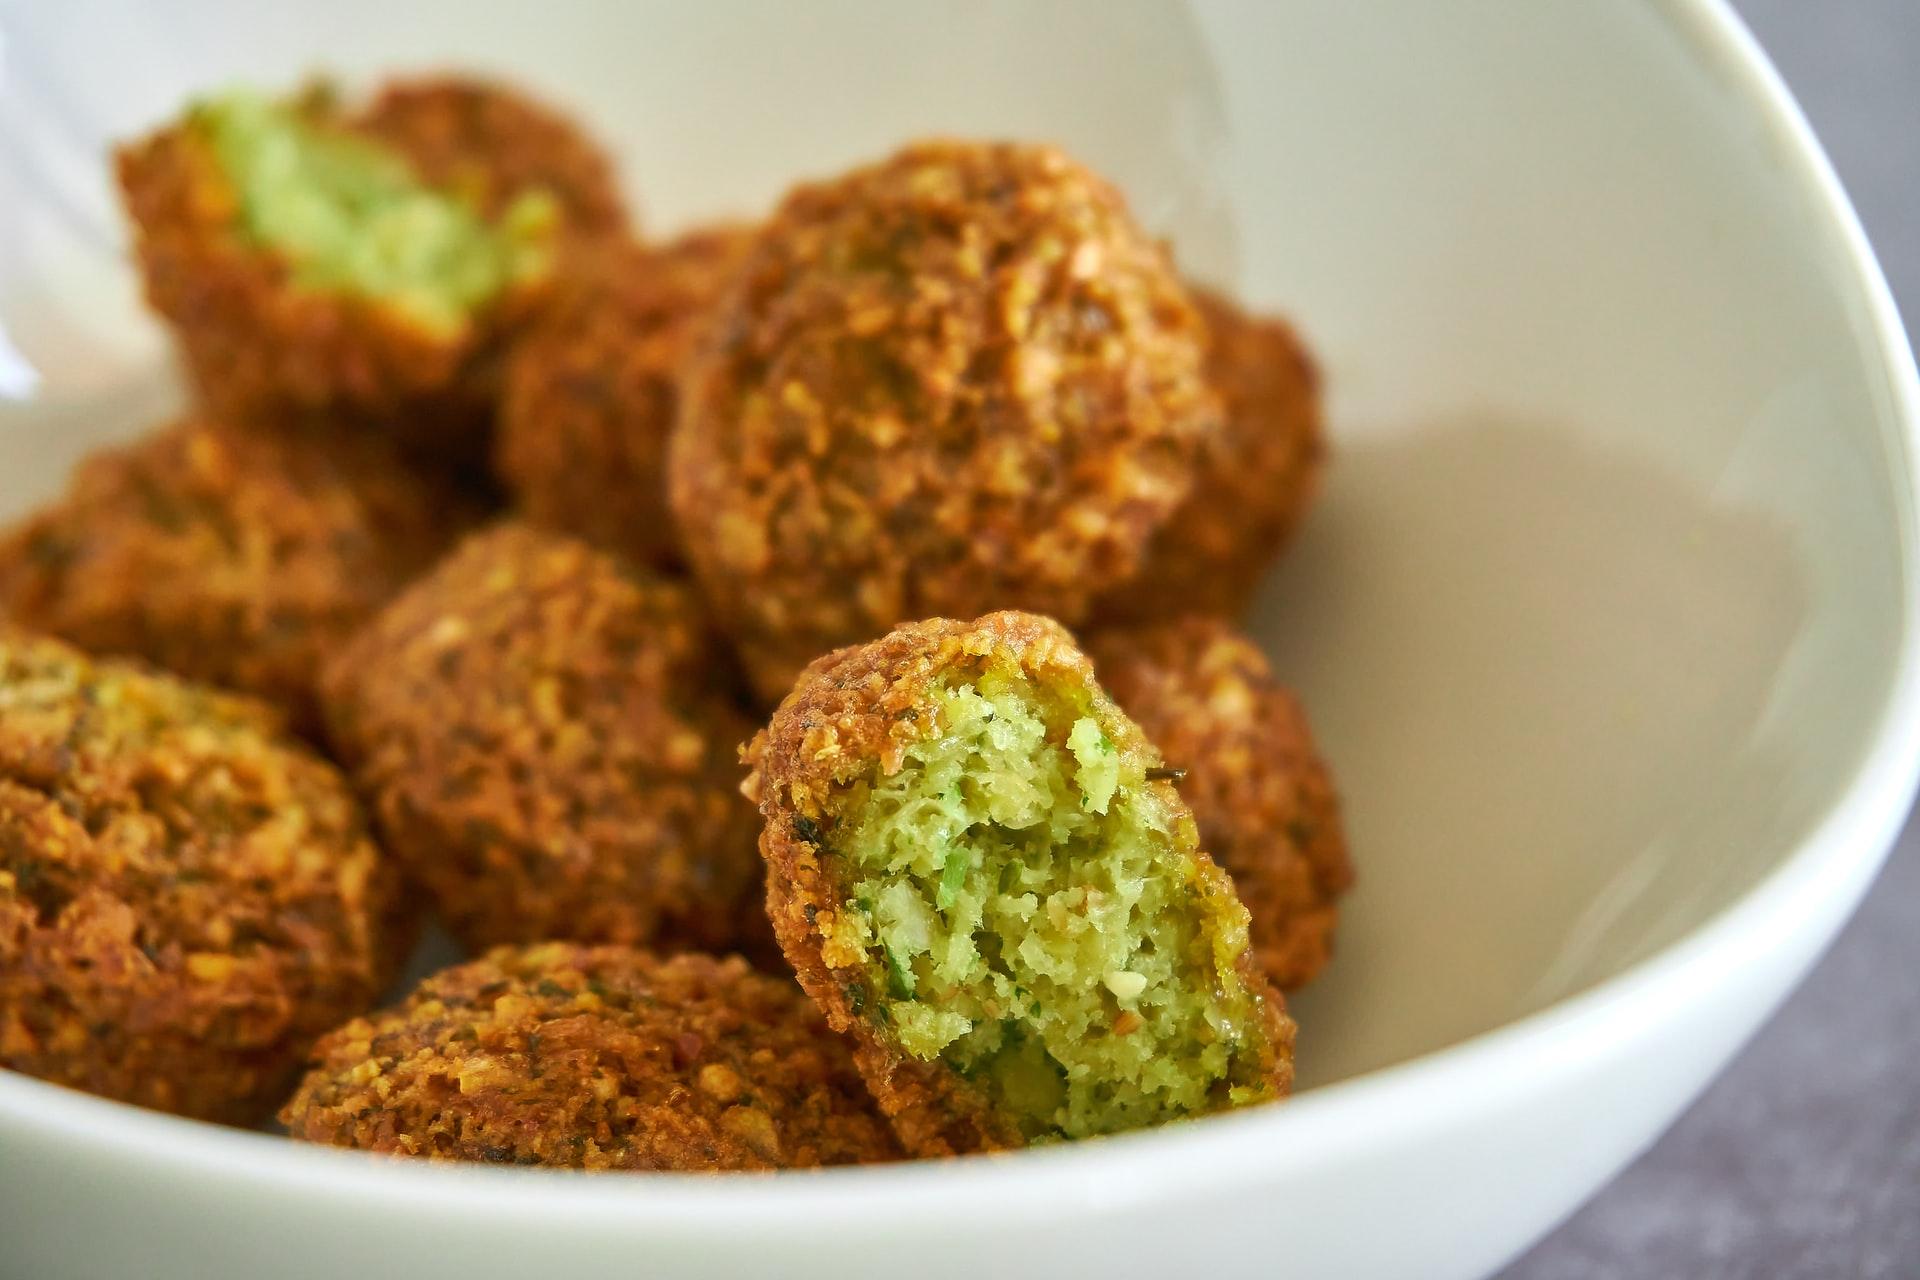 falafel ricetta semplice veloce preparazione e ingredienti